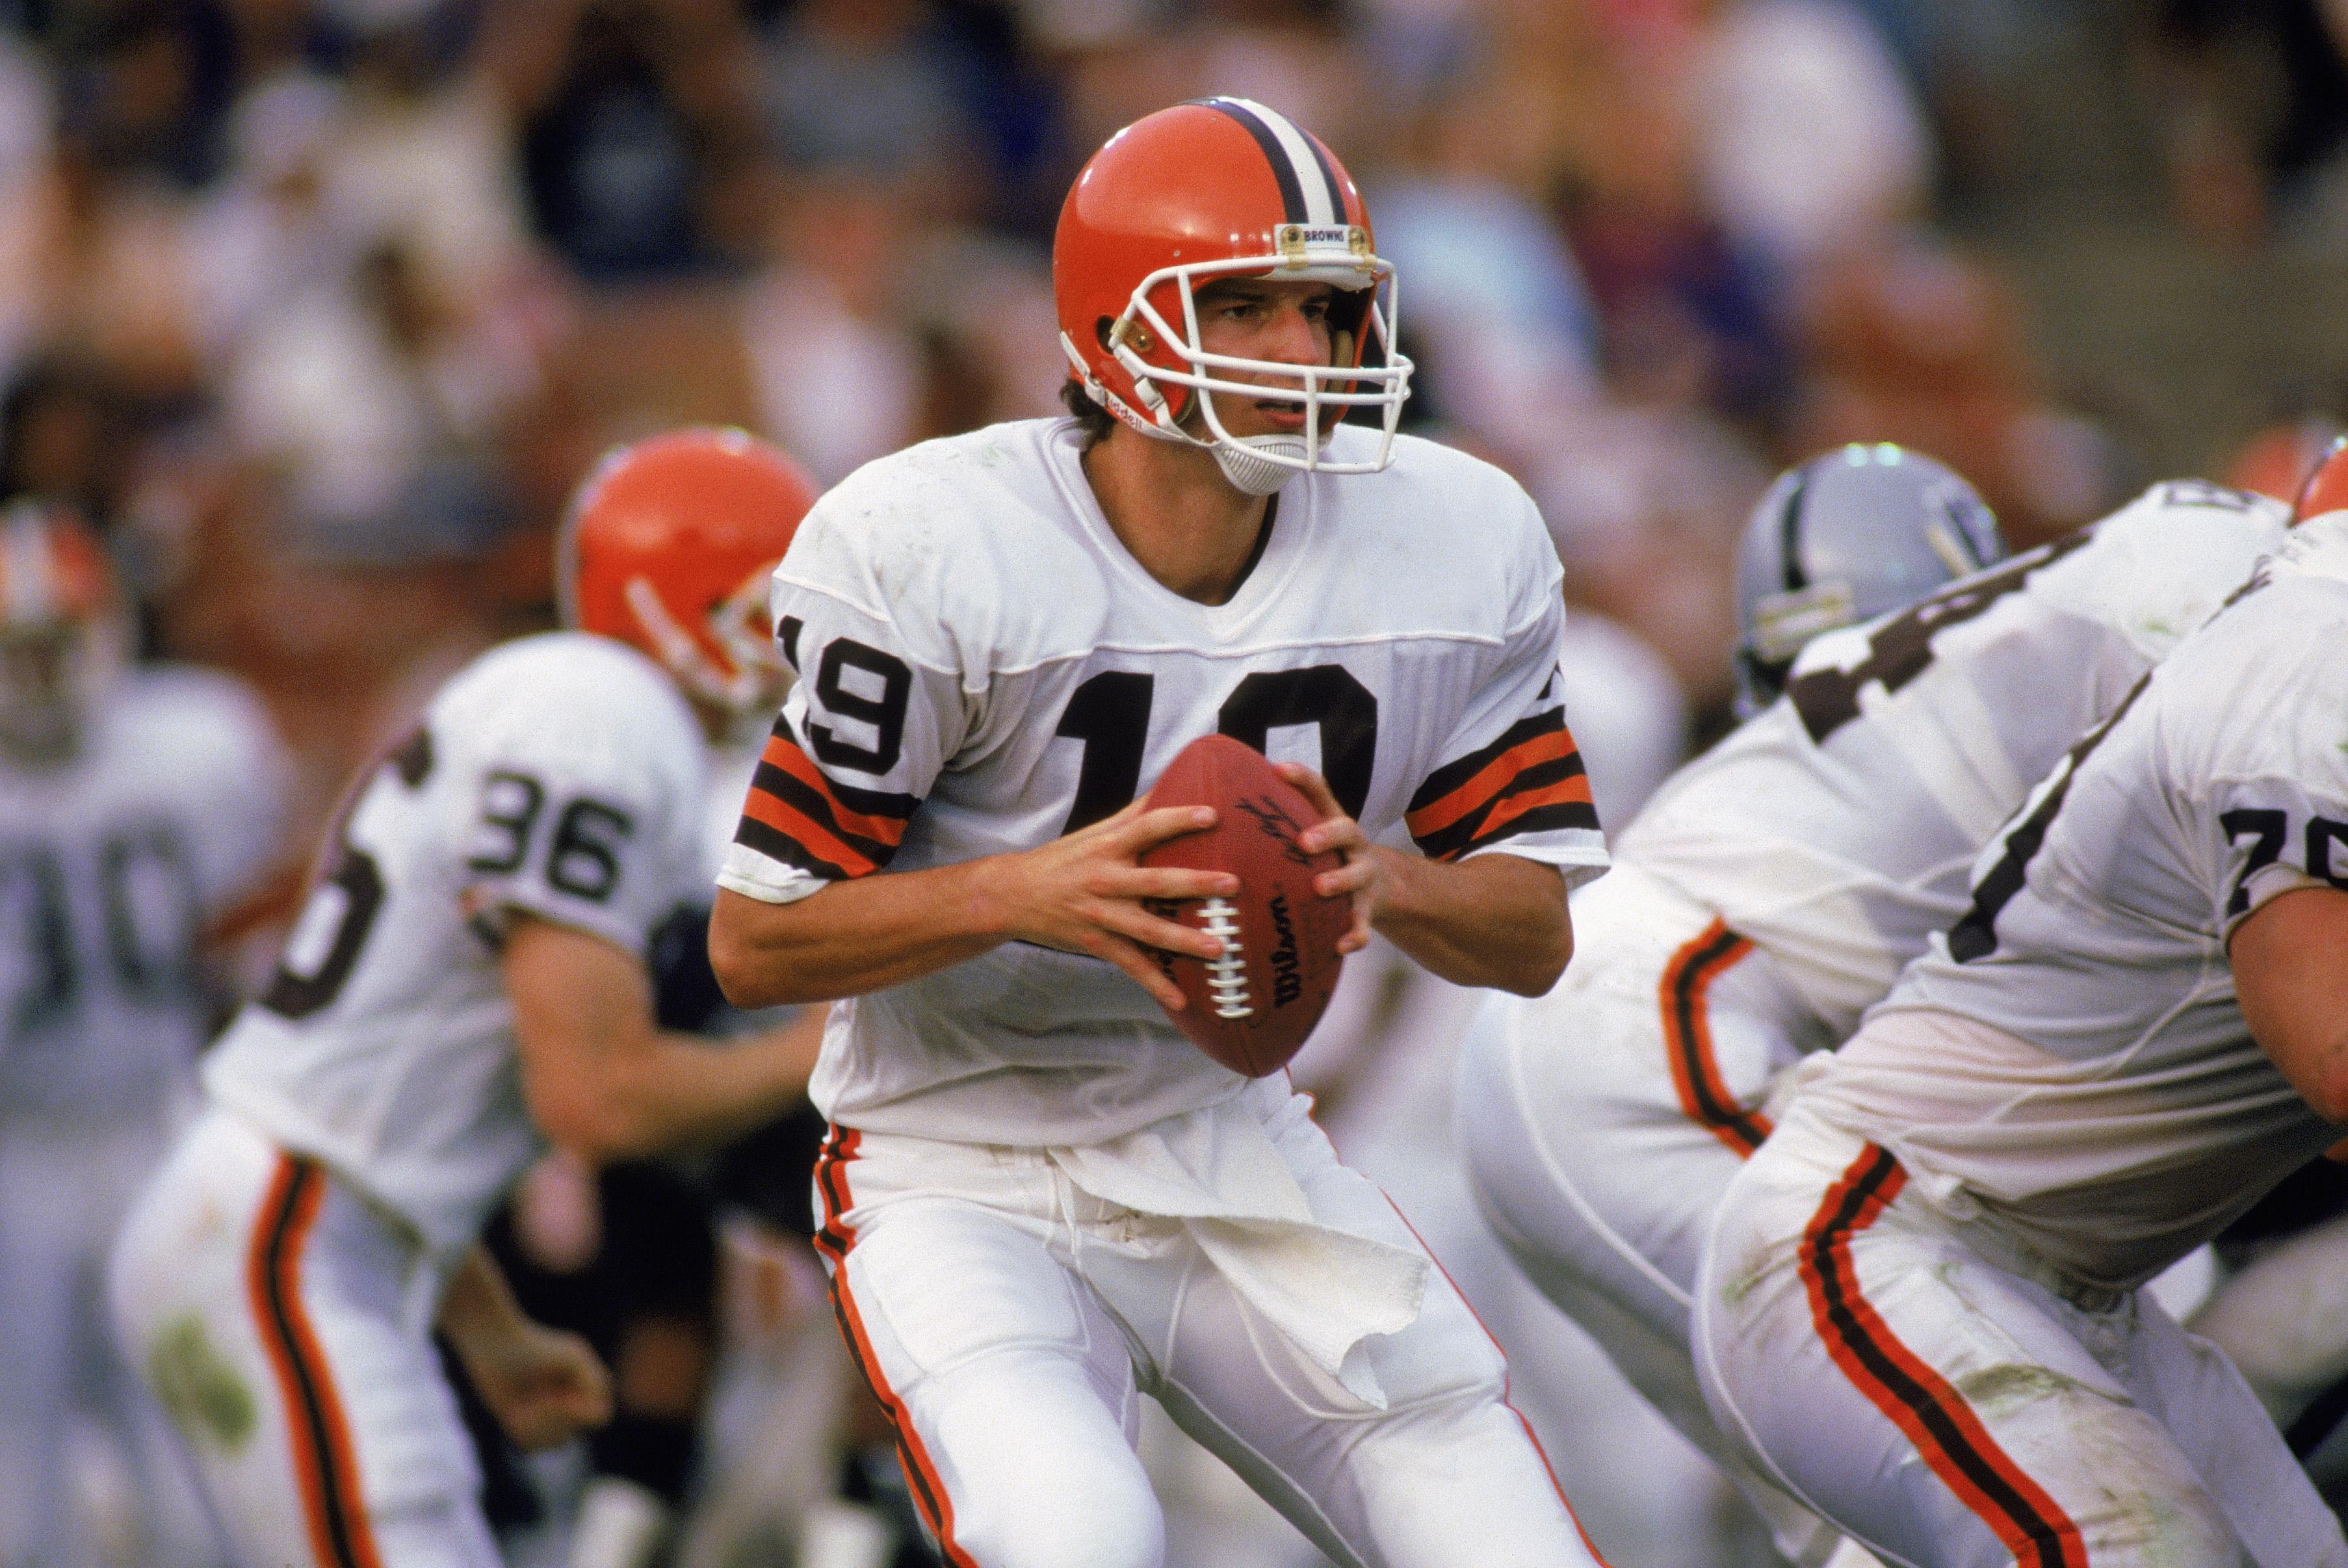 2643917-quarterback-bernie-kosar-looks-for-receiver.jpg